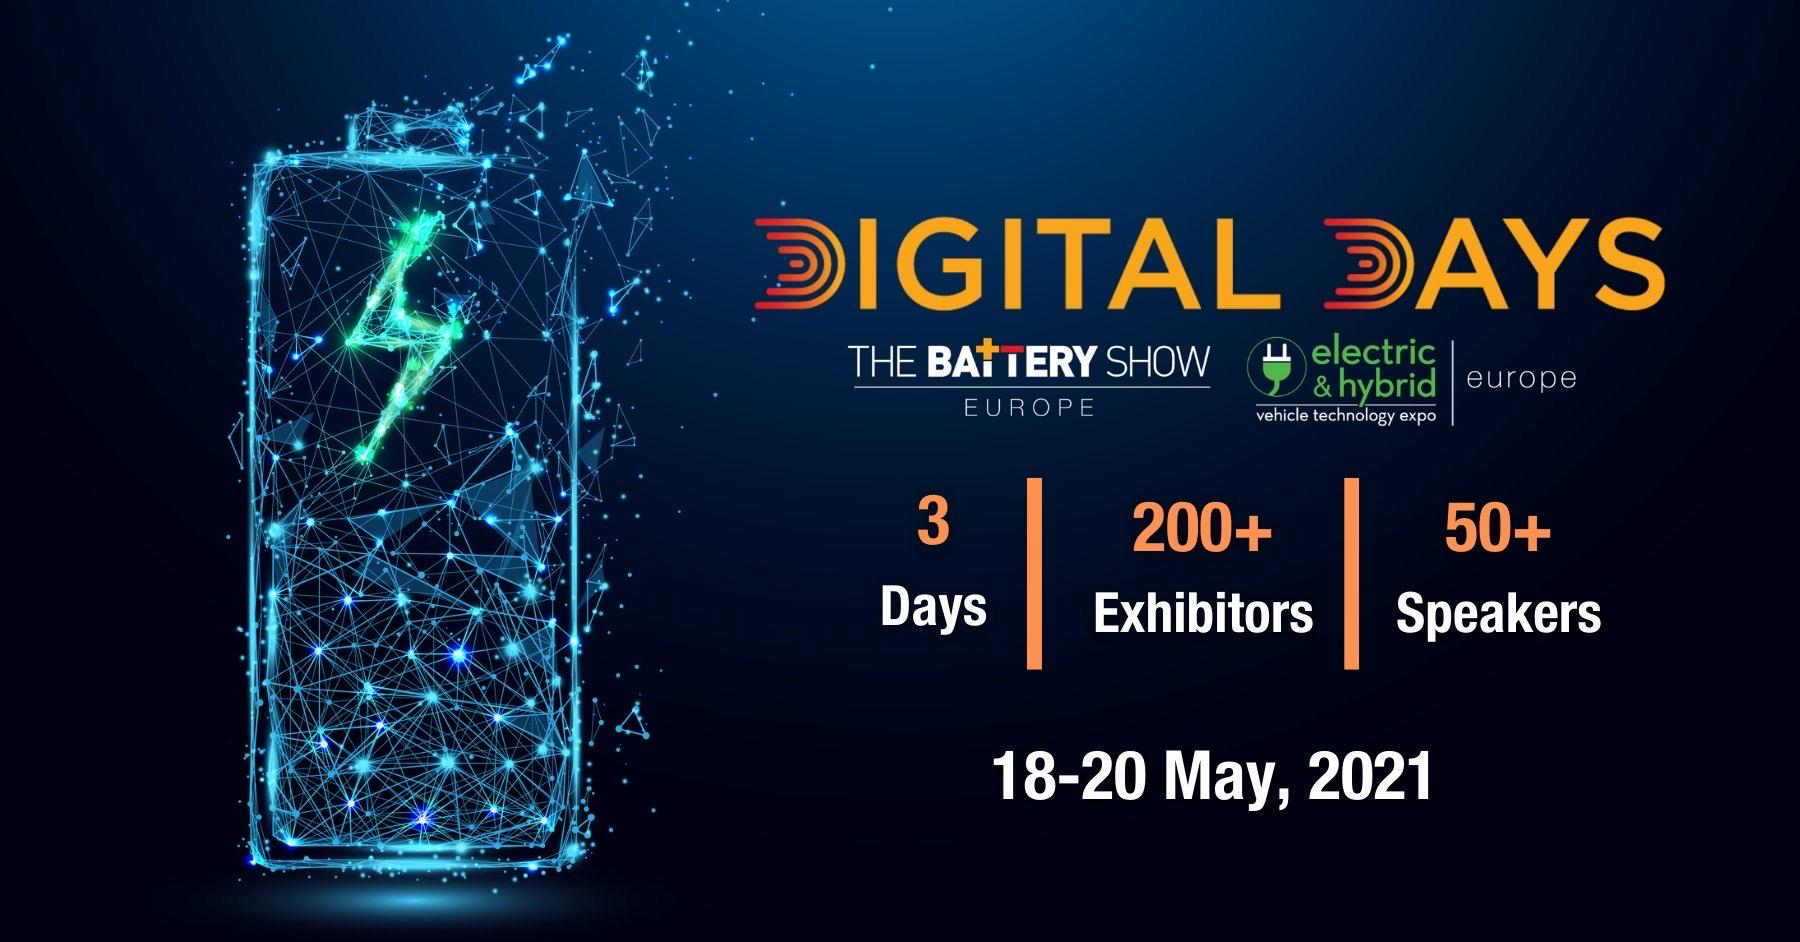 EU Battery Show & EV Tech Europe Digital Days Virtual Event 2021